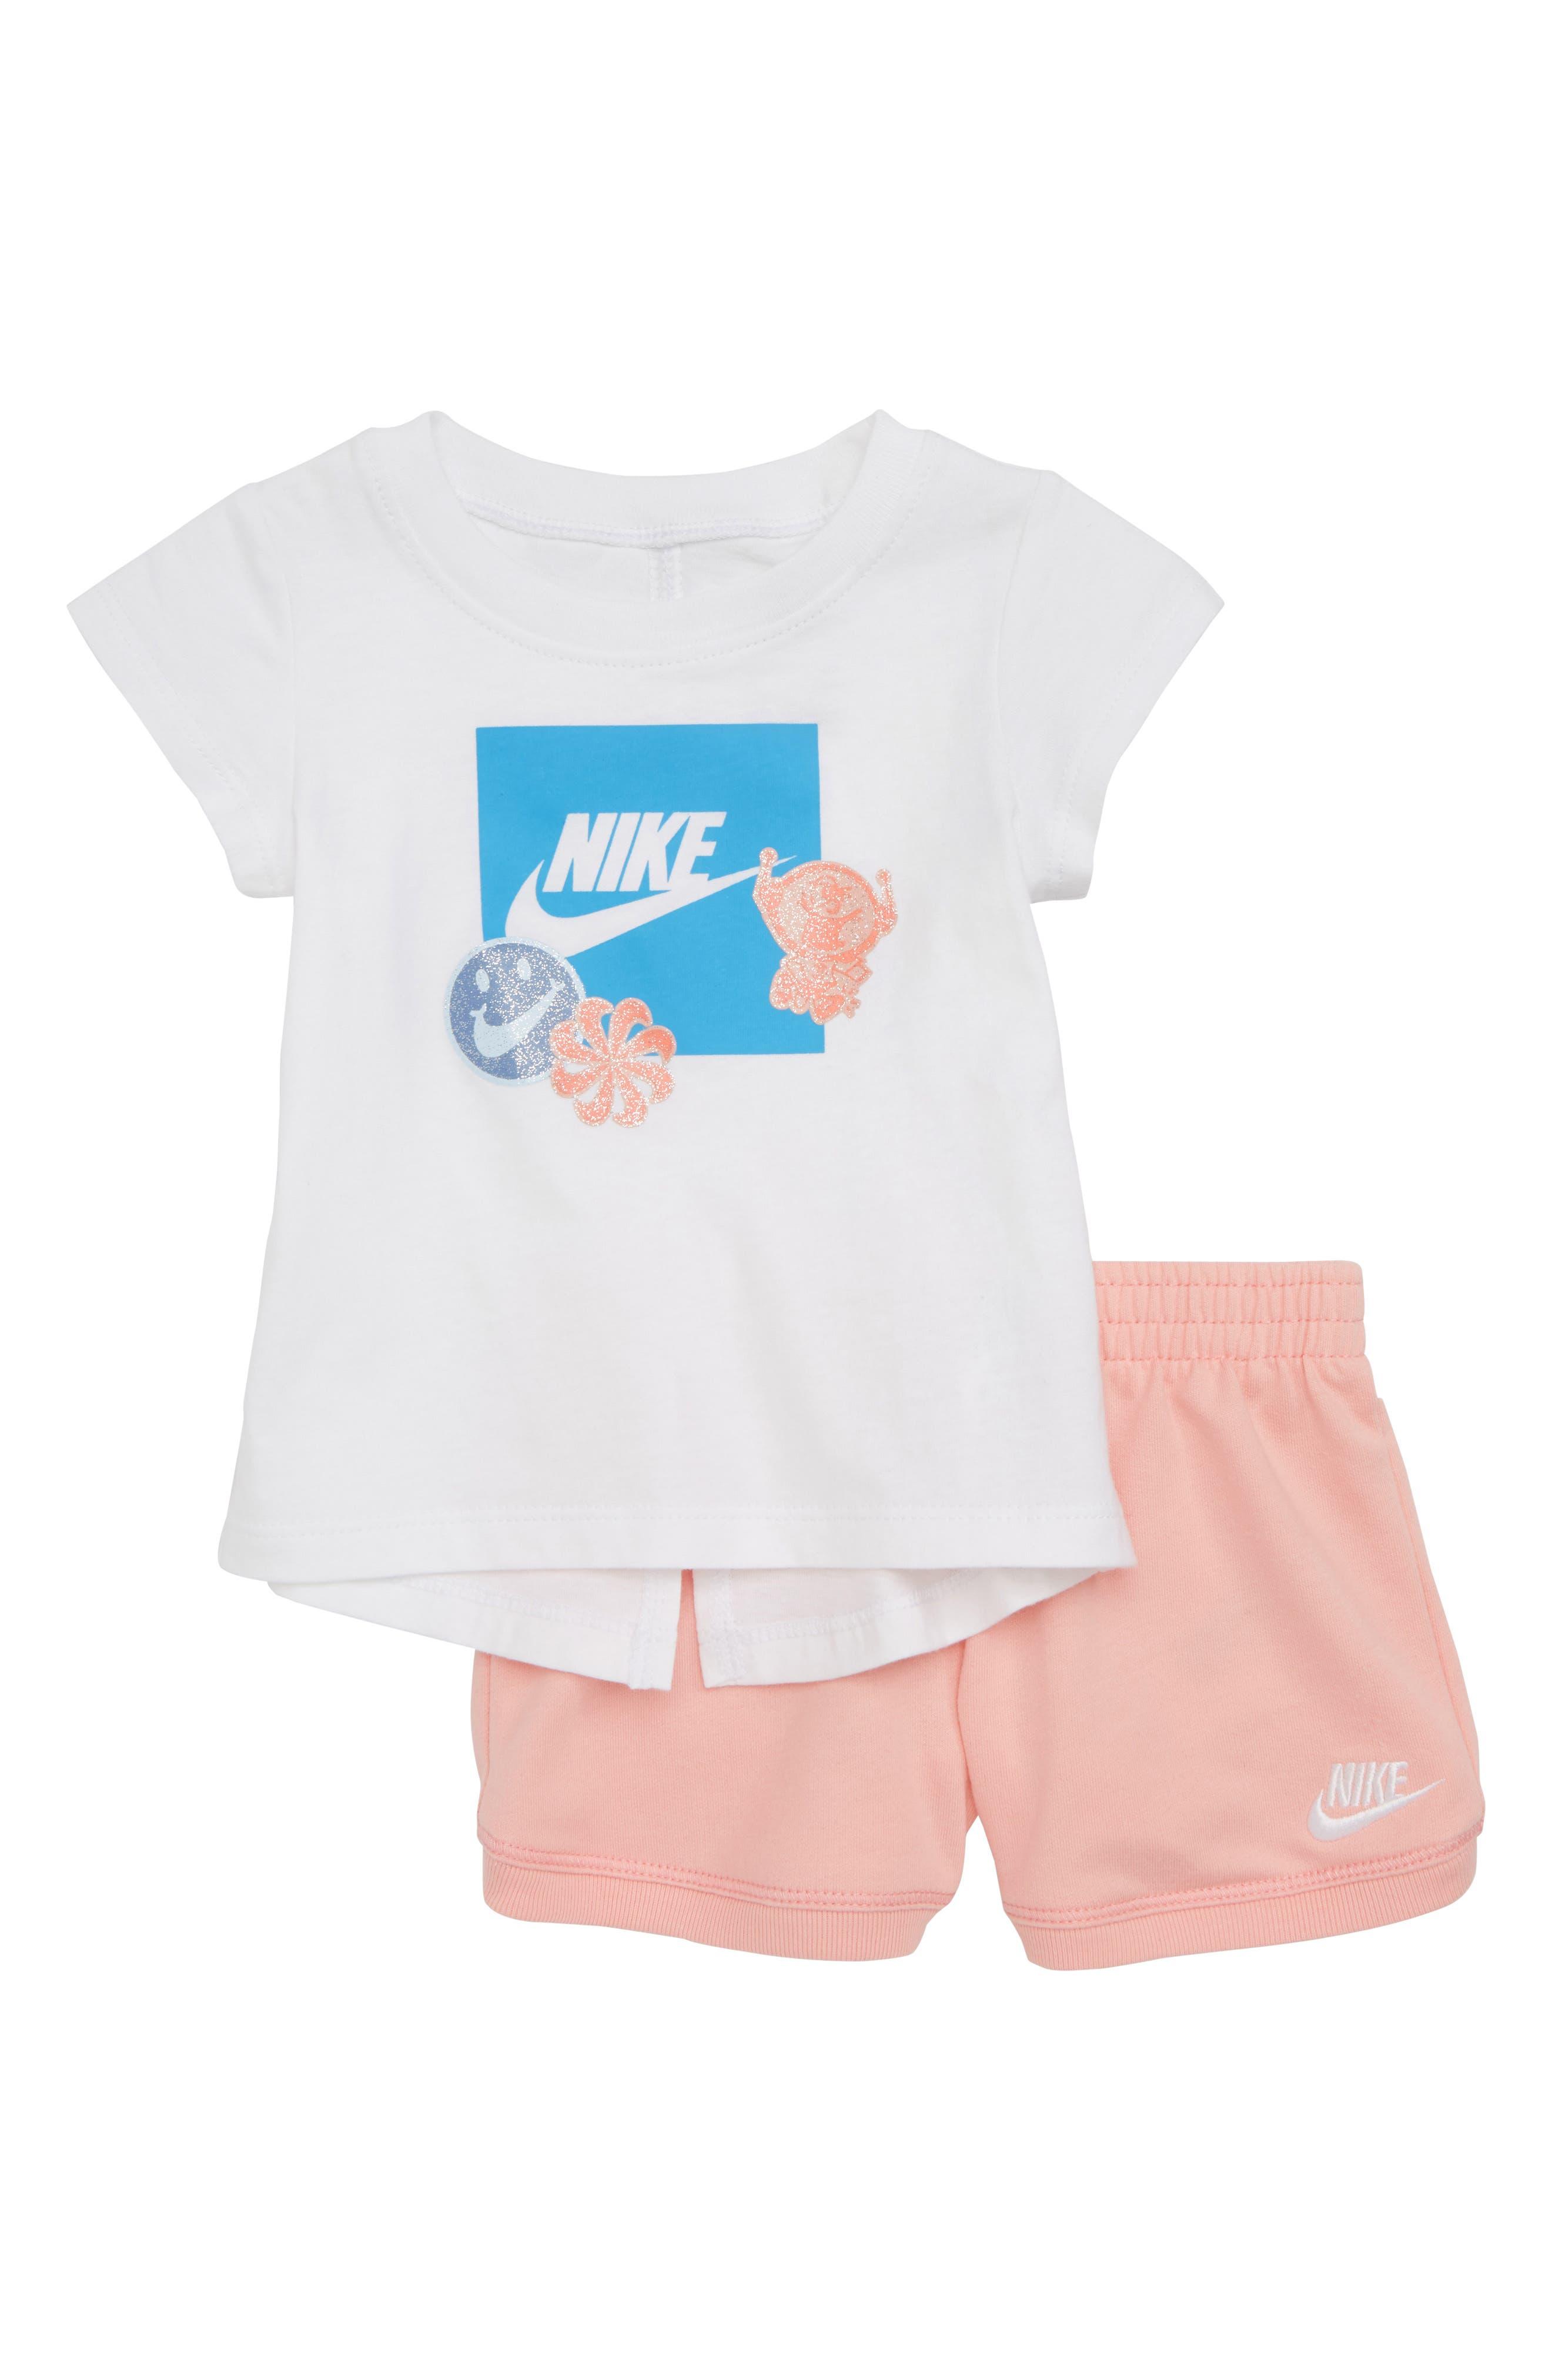 Nike DNA Tee & Shorts Set (Baby Girls)